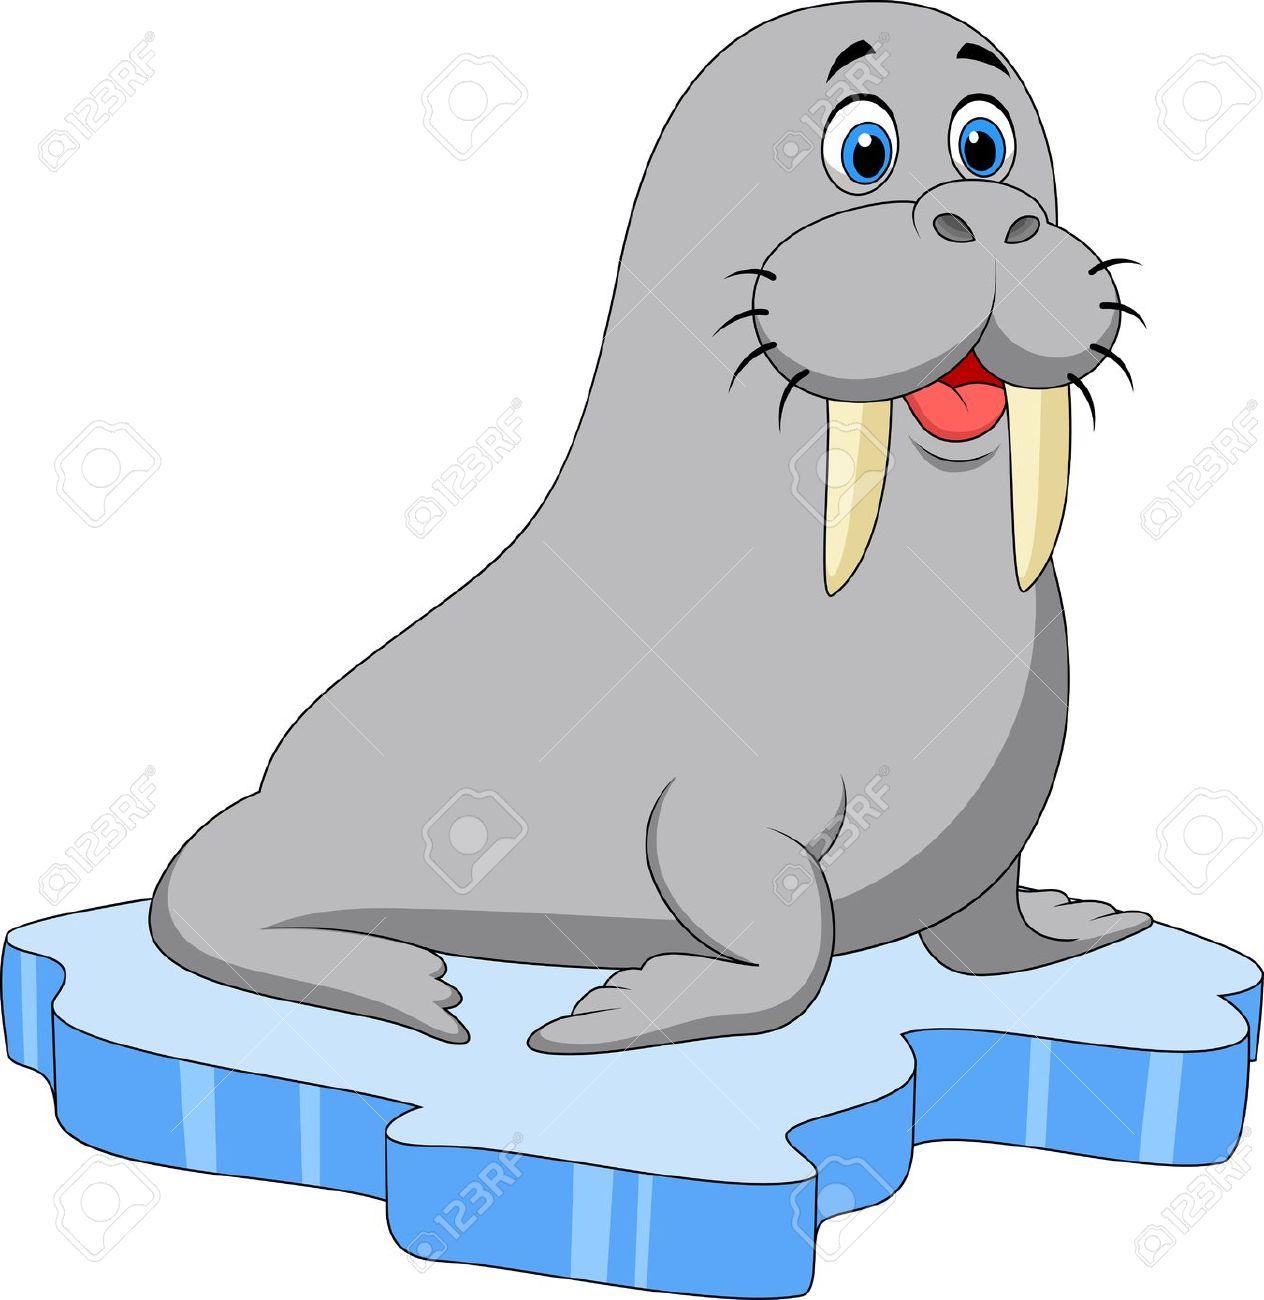 Similiar Arctic Animals Clip Art Keywords.